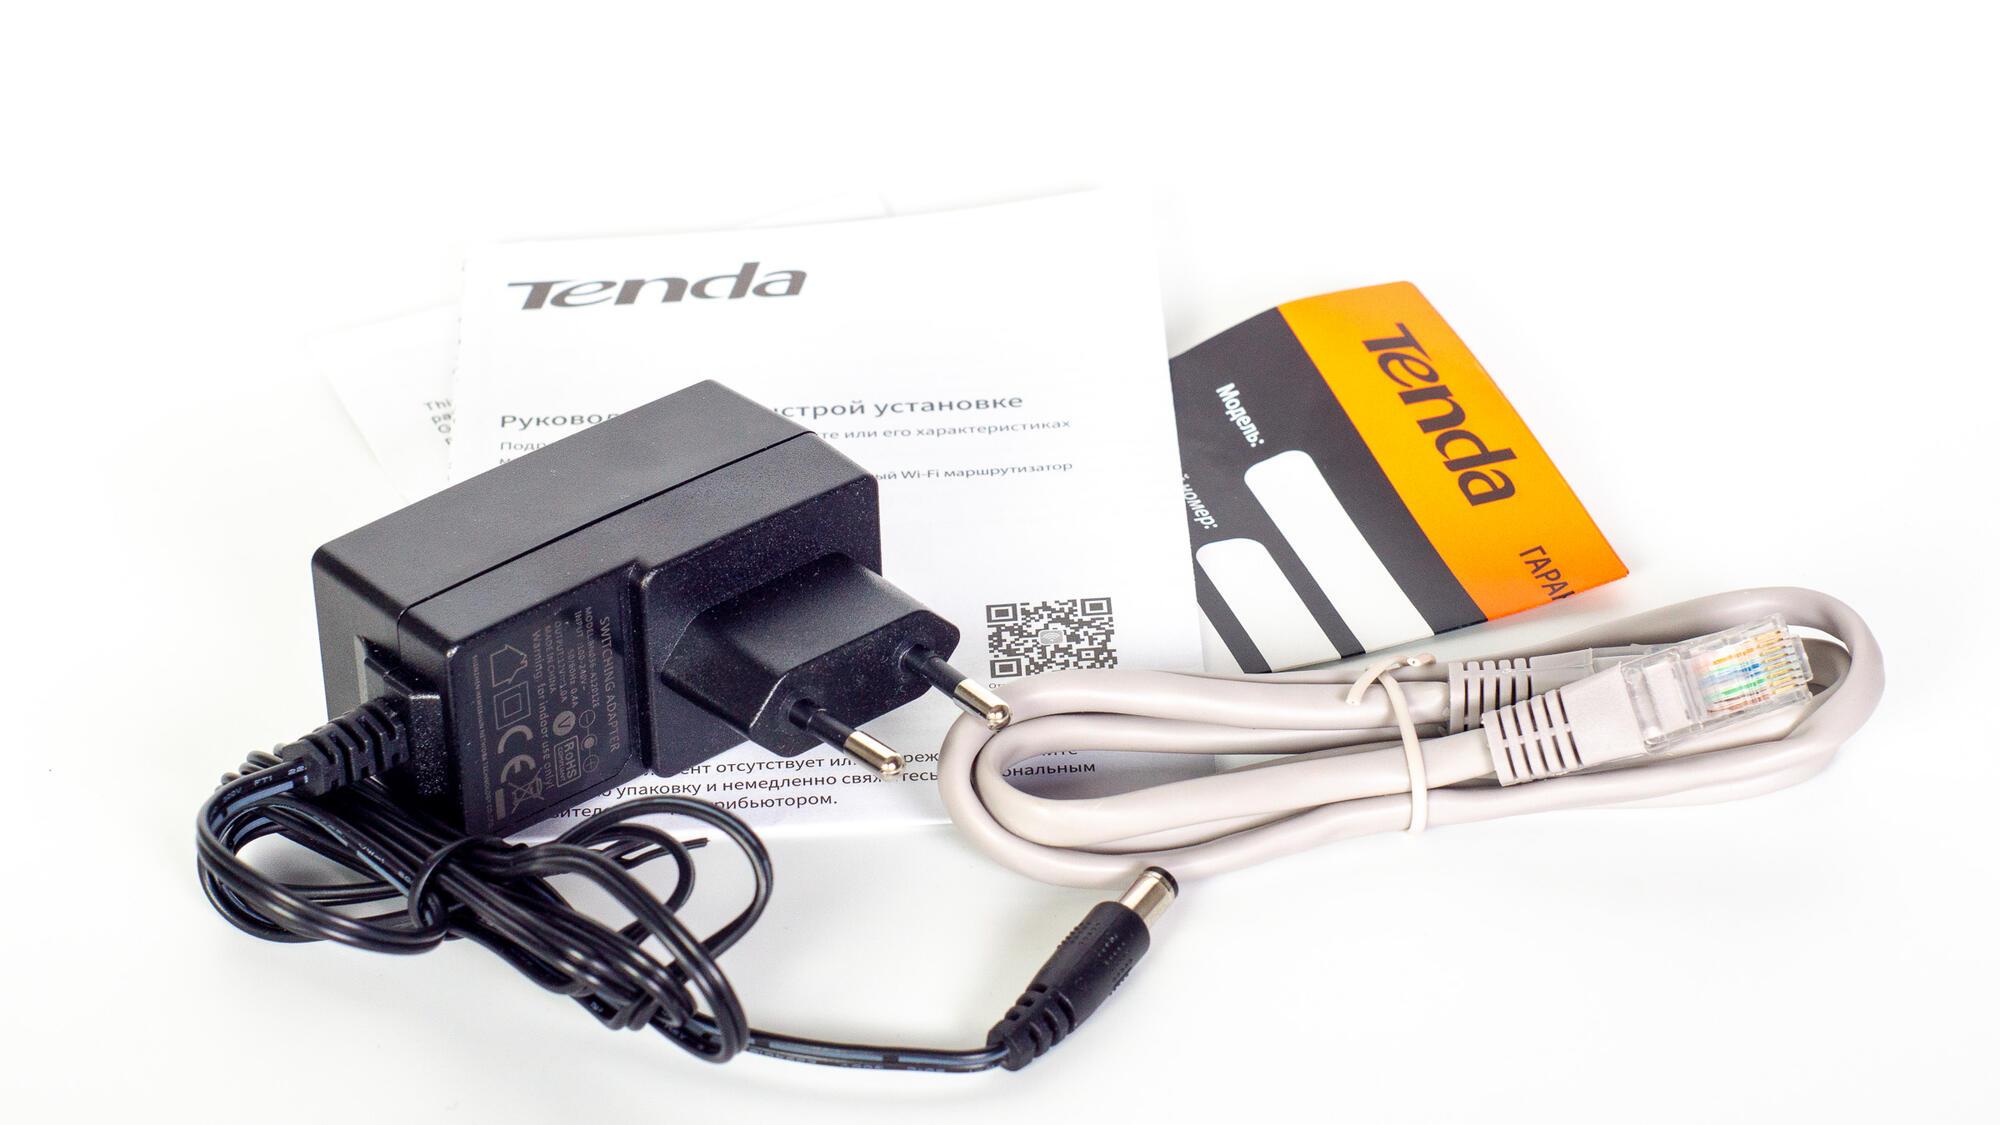 Setevoe oborudovanie - Tenda AC1200 - intellektualnyy dvuhdiapazonnyy gigabitnyy Wi–Fi marshrutizator